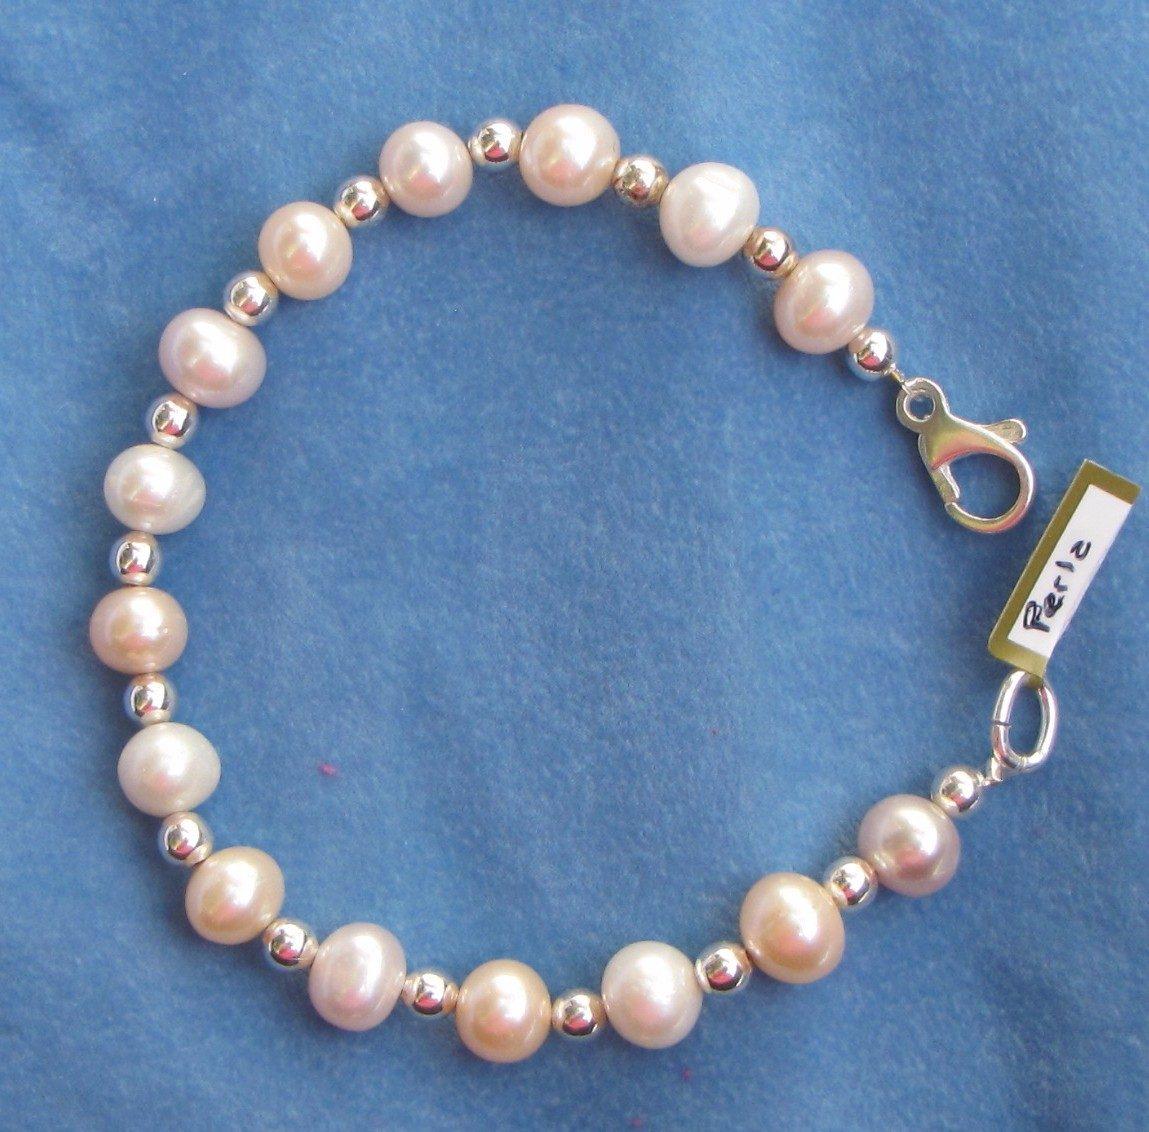 584f929191cd pulsera de plata con perlas naturales de rio. Cargando zoom.